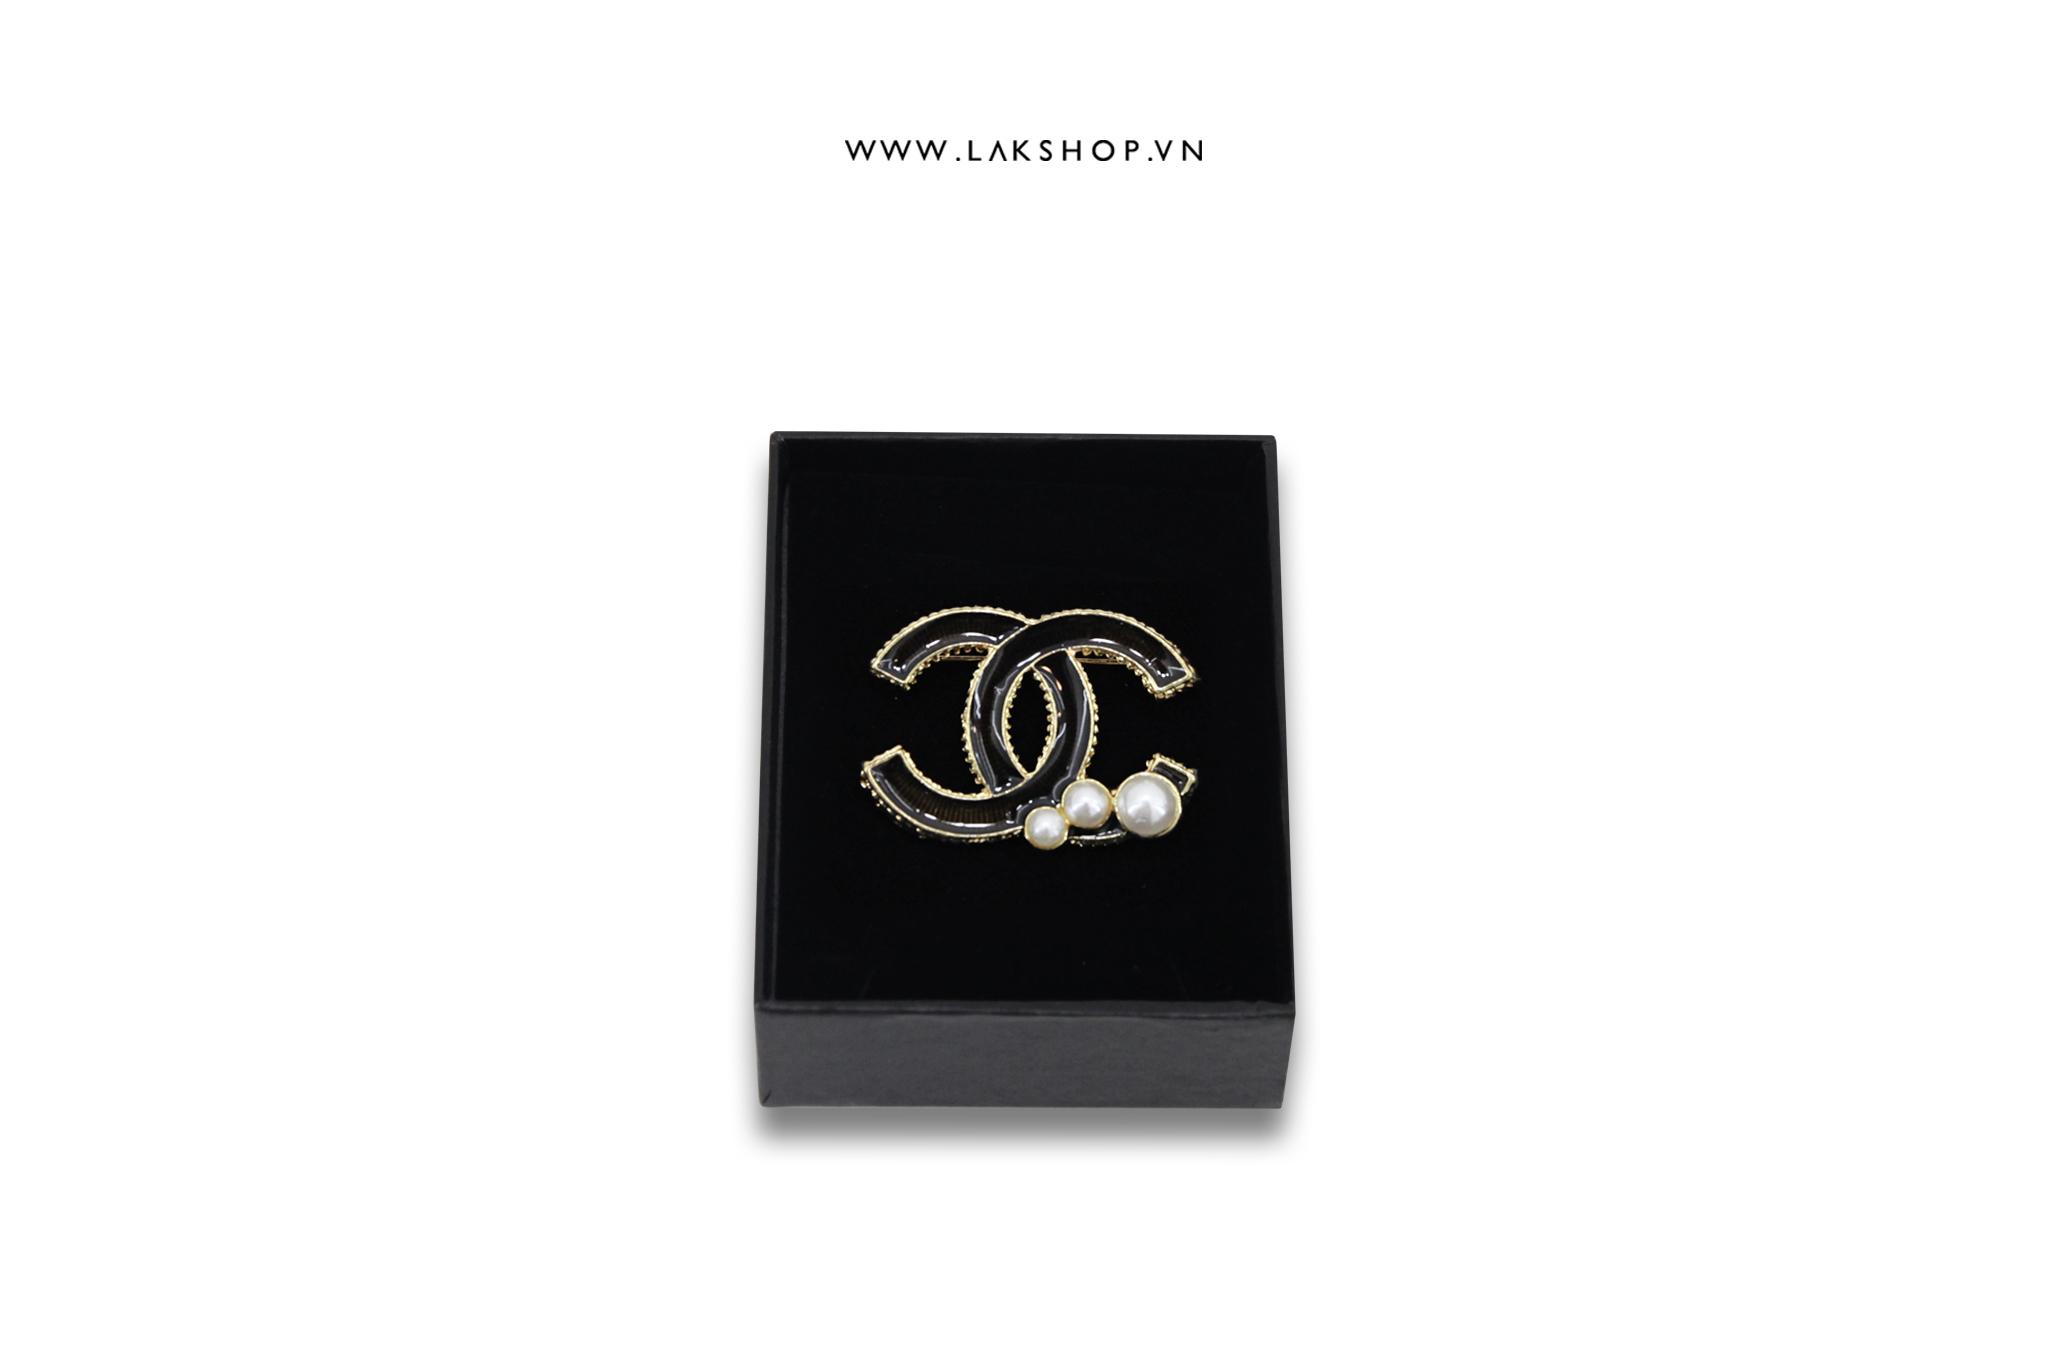 Trâm Cài Chanel Logo CC Vàng Đen 3 Hạt Ngọc